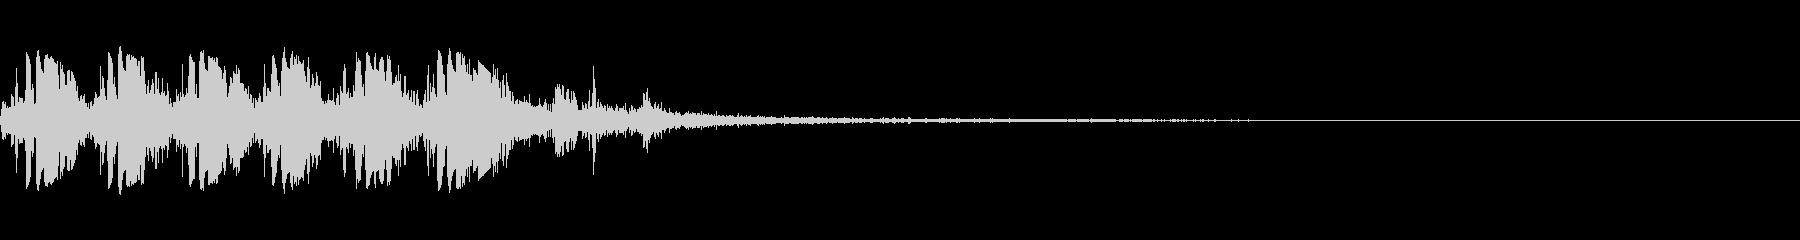 スミス&ウェッソンコルトは一連の短...の未再生の波形